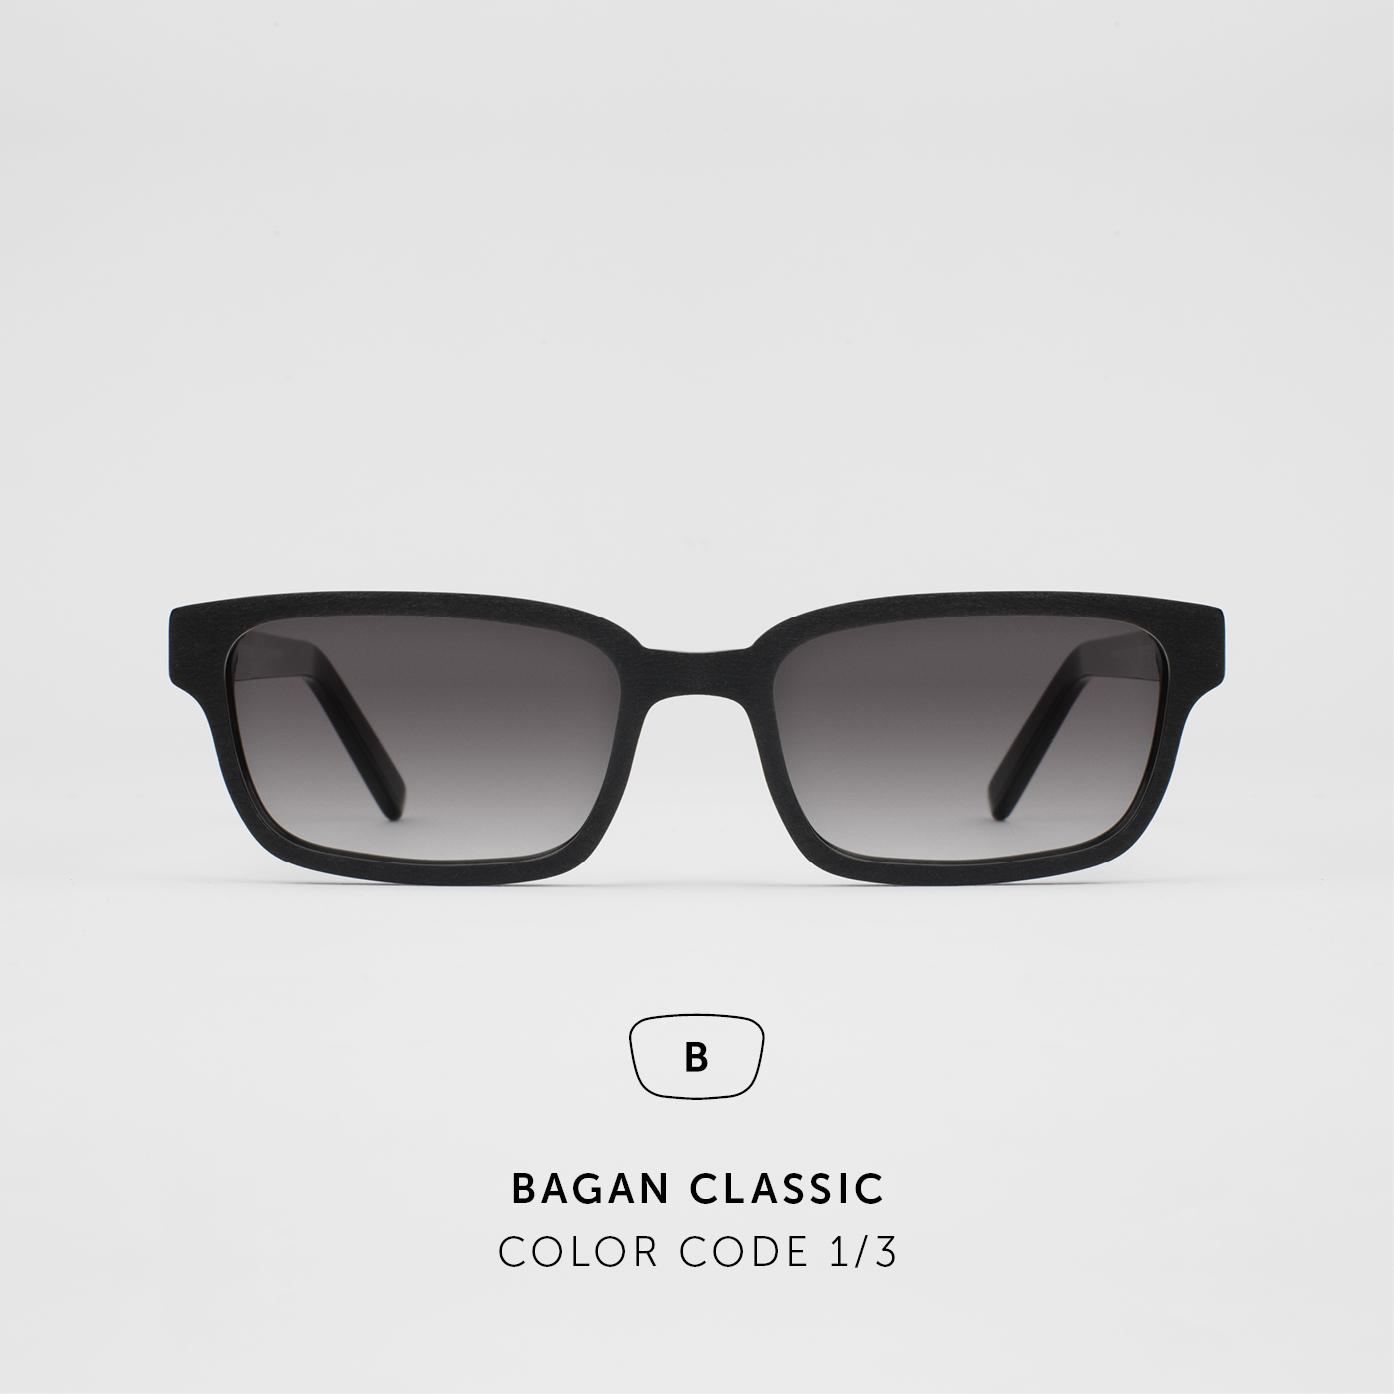 BaganClassic7.jpg